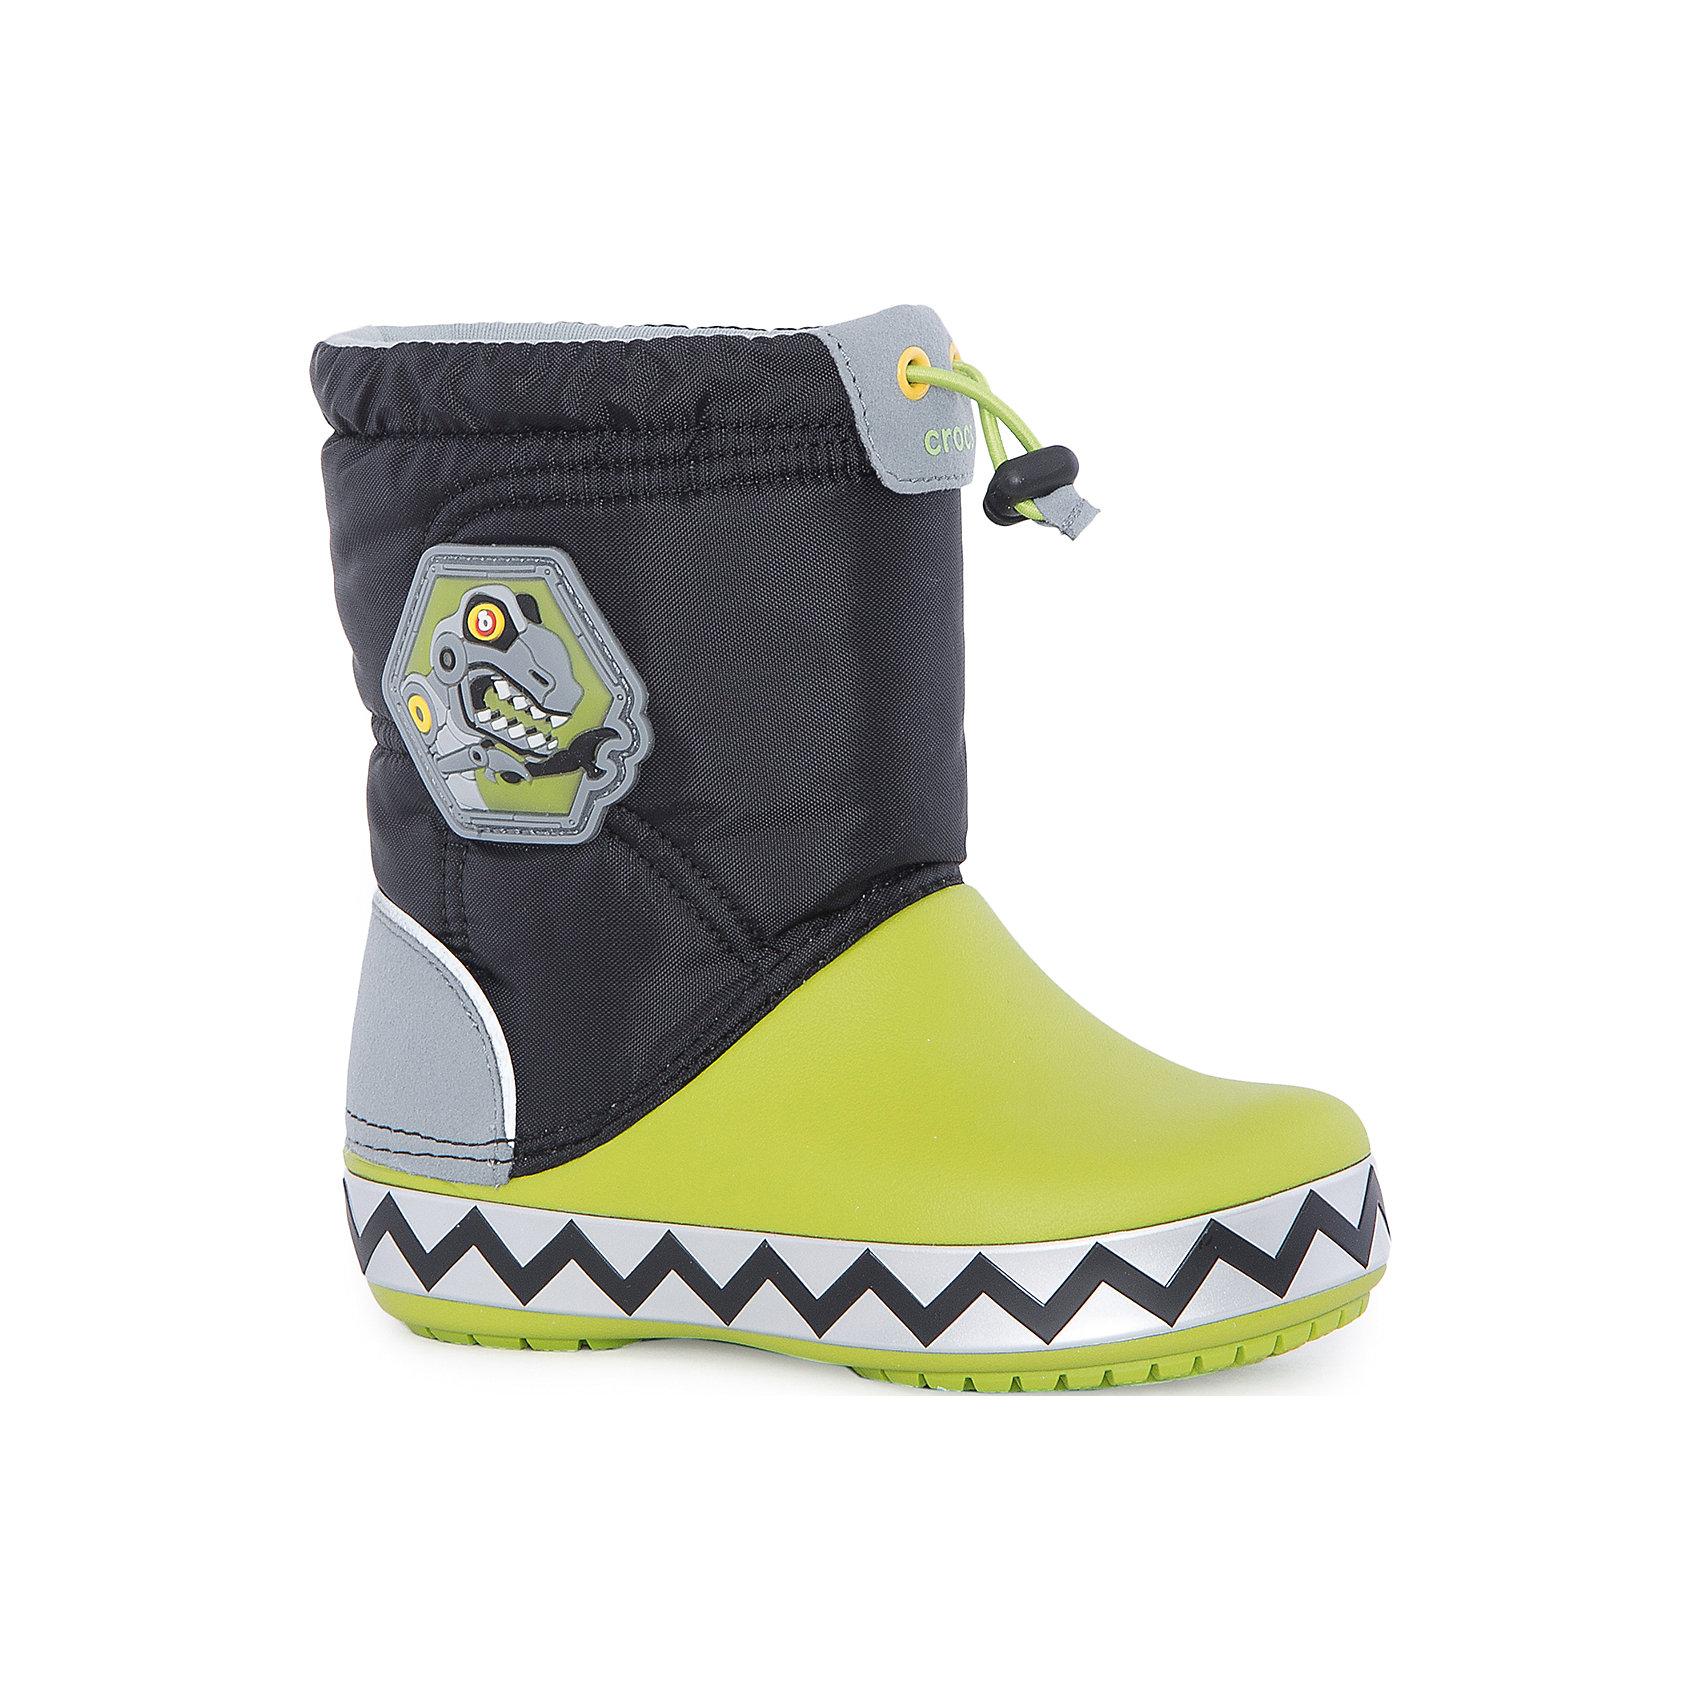 Сапоги Kids' CrocsLights LodgePoint RoboSaur Boot для мальчика CROCSСноубутсы<br>Характеристики товара:<br><br>• цвет: черный/зеленый<br>• материал: верх - текстиль, низ -100% полимер Croslite™<br>• материал подкладки: текстиль<br>• встроенные светодиоды<br>• запас энергии элементов питания примерно 350 тыс. шагов<br>• непромокаемая носочная часть<br>• температурный режим: от -15° до +10° С<br>• легко очищаются<br>• антискользящая подошва<br>• застежка: шнурок со стоппером<br>• толстая устойчивая подошва<br>• страна бренда: США<br>• страна изготовитель: Китай<br><br>Сапоги могут быть и стильными, и теплыми! Для детской обуви крайне важно, чтобы она была удобной. Такие сапоги обеспечивают детям необходимый комфорт, а теплая подкладка создает особый микроклимат. Сапоги легко надеваются и снимаются, отлично сидят на ноге. Материал, из которого они сделаны, не дает размножаться бактериям, поэтому такая обувь препятствует образованию неприятного запаха и появлению болезней стоп. Данная модель особенно понравится детям - ведь в подошве встроены мигающие светодиоды!<br>Обувь от американского бренда Crocs в данный момент завоевала широкую популярность во всем мире, и это не удивительно - ведь она невероятно удобна. Её носят врачи, спортсмены, звёзды шоу-бизнеса, люди, которым много времени приходится бывать на ногах - они понимают, как важна комфортная обувь. Продукция Crocs - это качественные товары, созданные с применением новейших технологий. Обувь отличается стильным дизайном и продуманной конструкцией. Изделие производится из качественных и проверенных материалов, которые безопасны для детей.<br><br>Сапоги для мальчика от торговой марки Crocs можно купить в нашем интернет-магазине.<br><br>Ширина мм: 257<br>Глубина мм: 180<br>Высота мм: 130<br>Вес г: 420<br>Цвет: черный<br>Возраст от месяцев: 18<br>Возраст до месяцев: 21<br>Пол: Мужской<br>Возраст: Детский<br>Размер: 23,34/35,27,28,29,30,24,25,26,31/32,33/34<br>SKU: 5121987